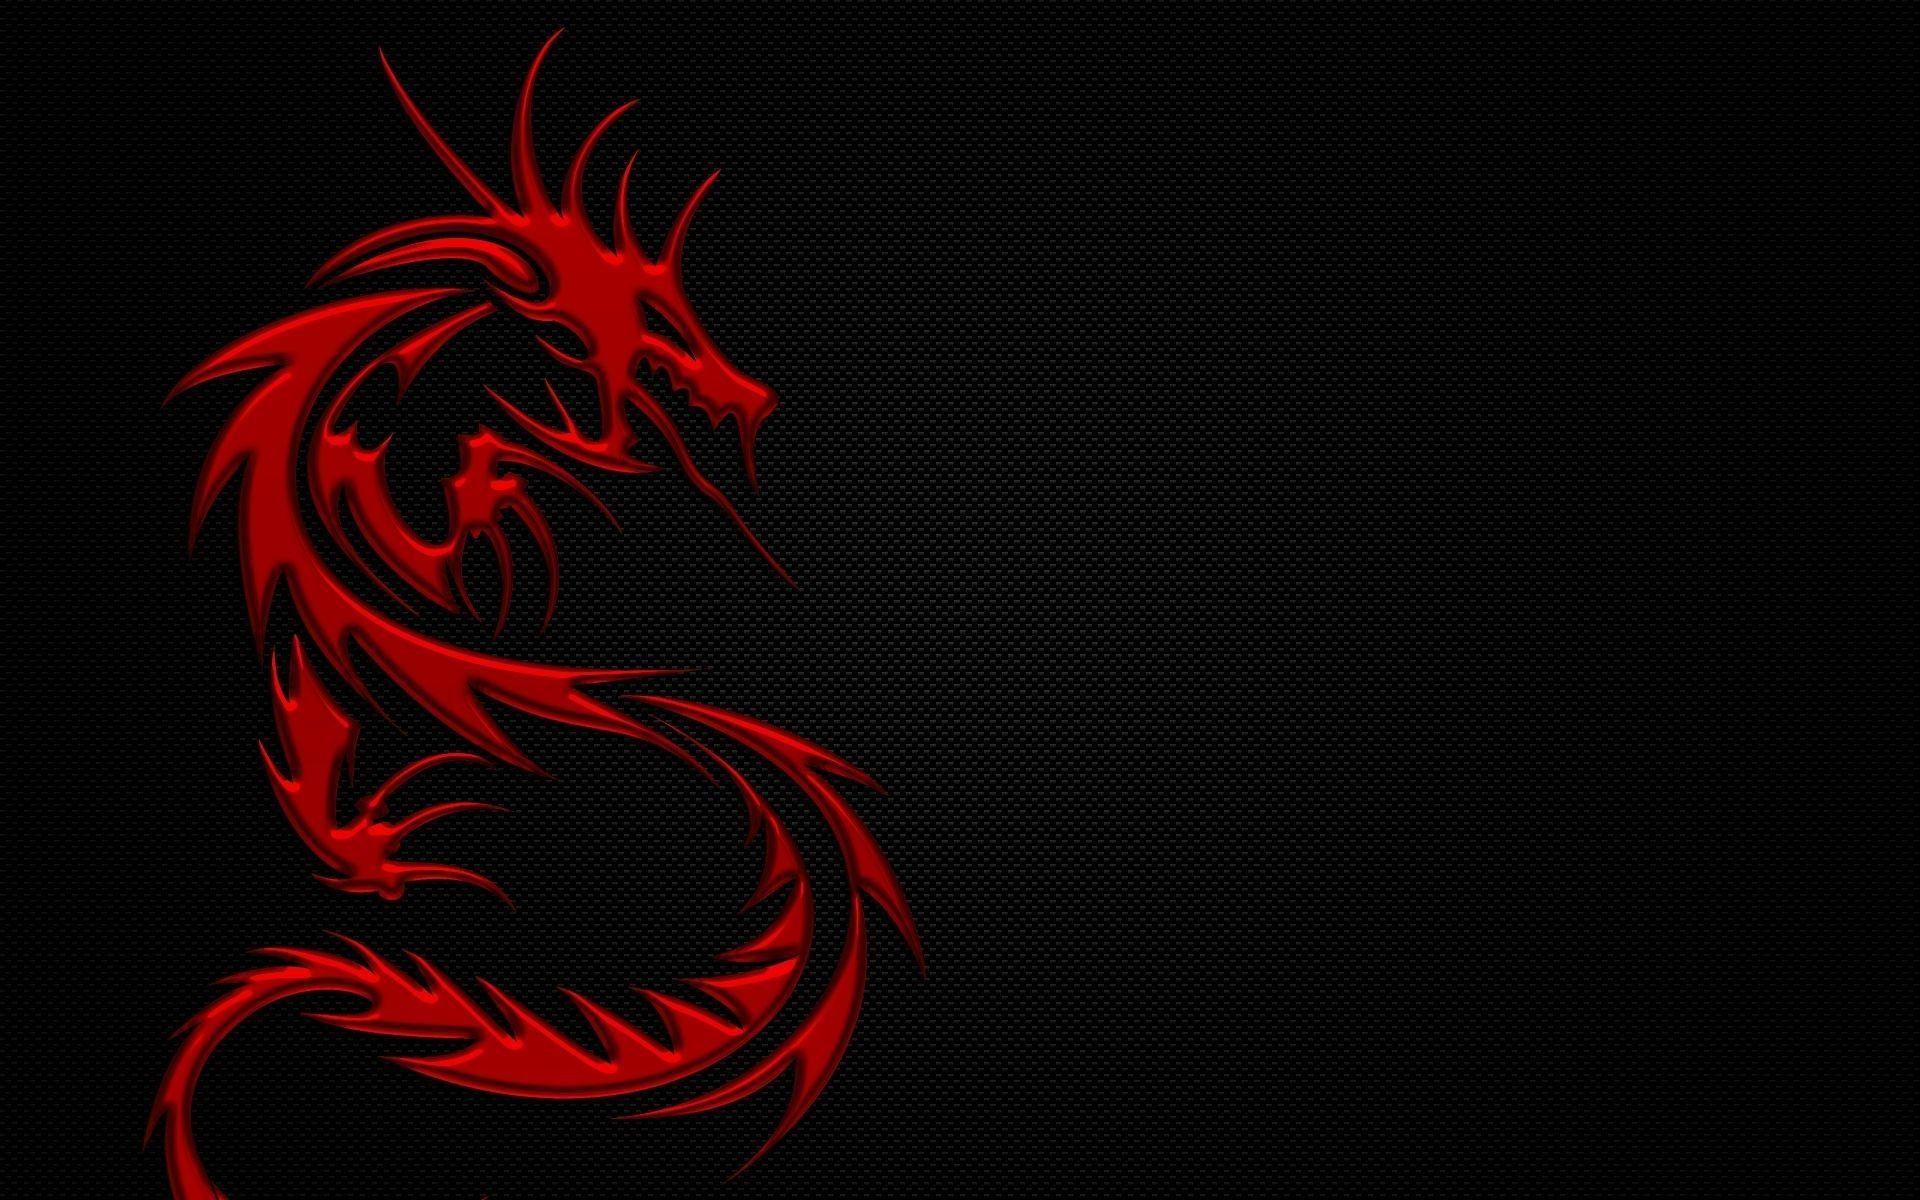 oriental dragon wallpaper